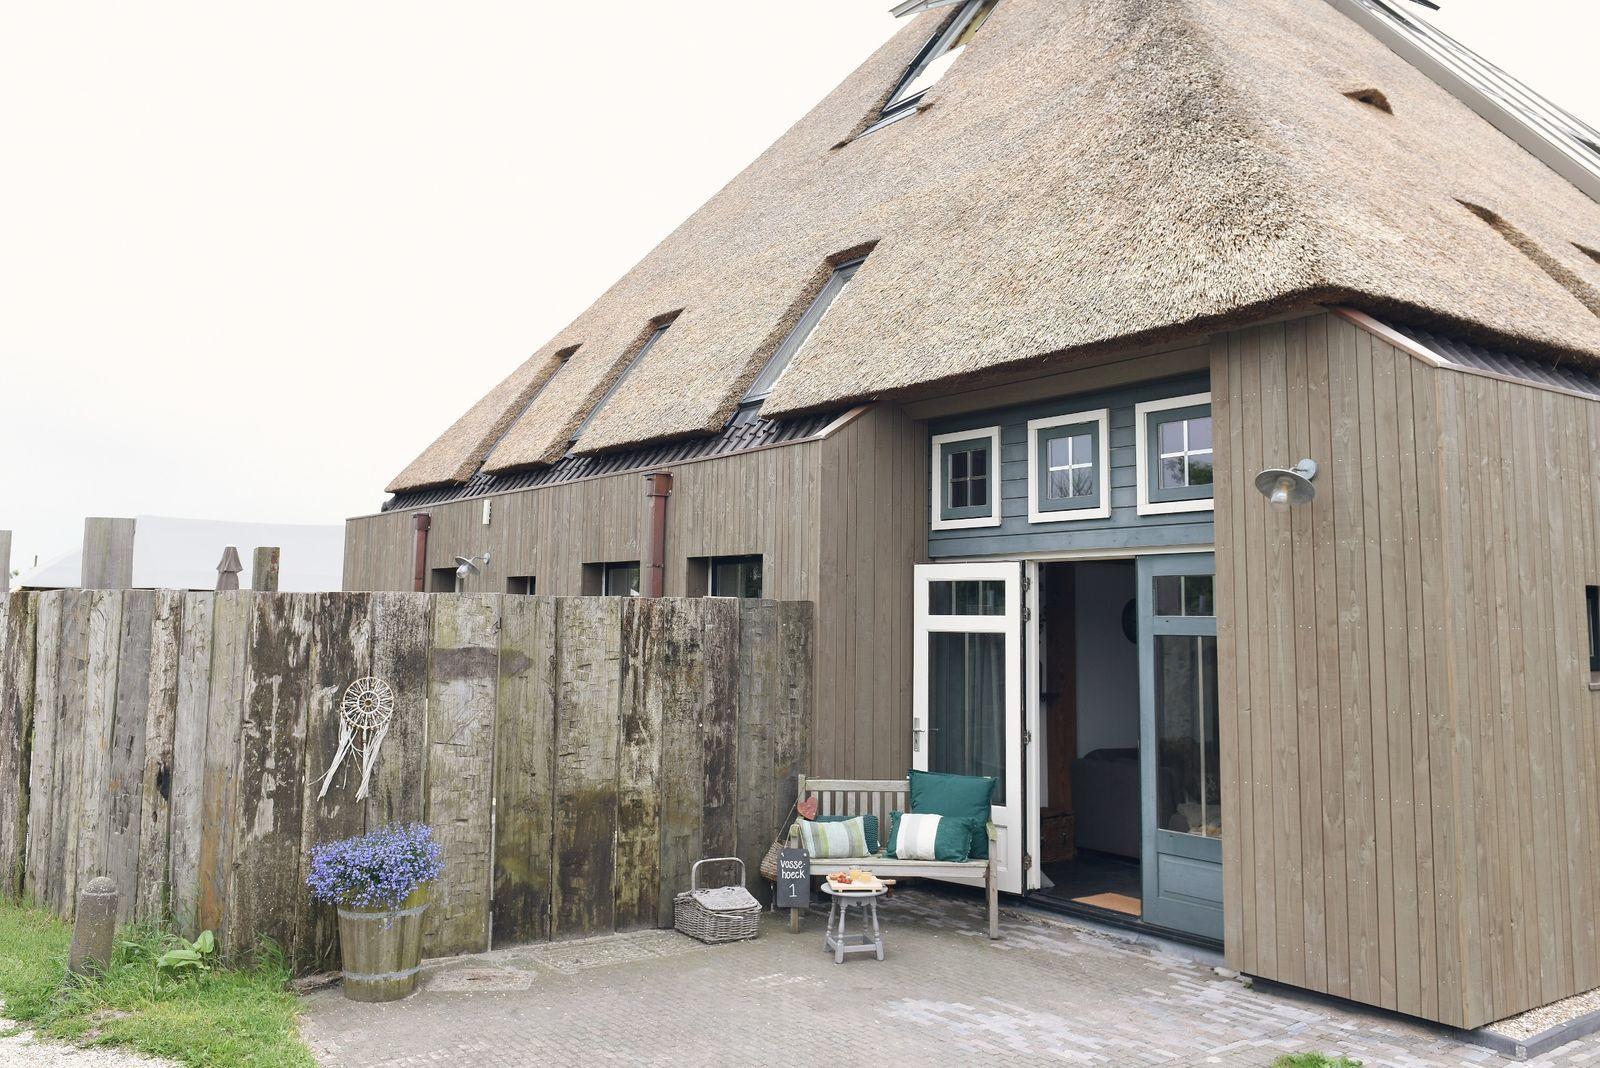 Groepsverblijf Duynvilla - 4 huizen in 1